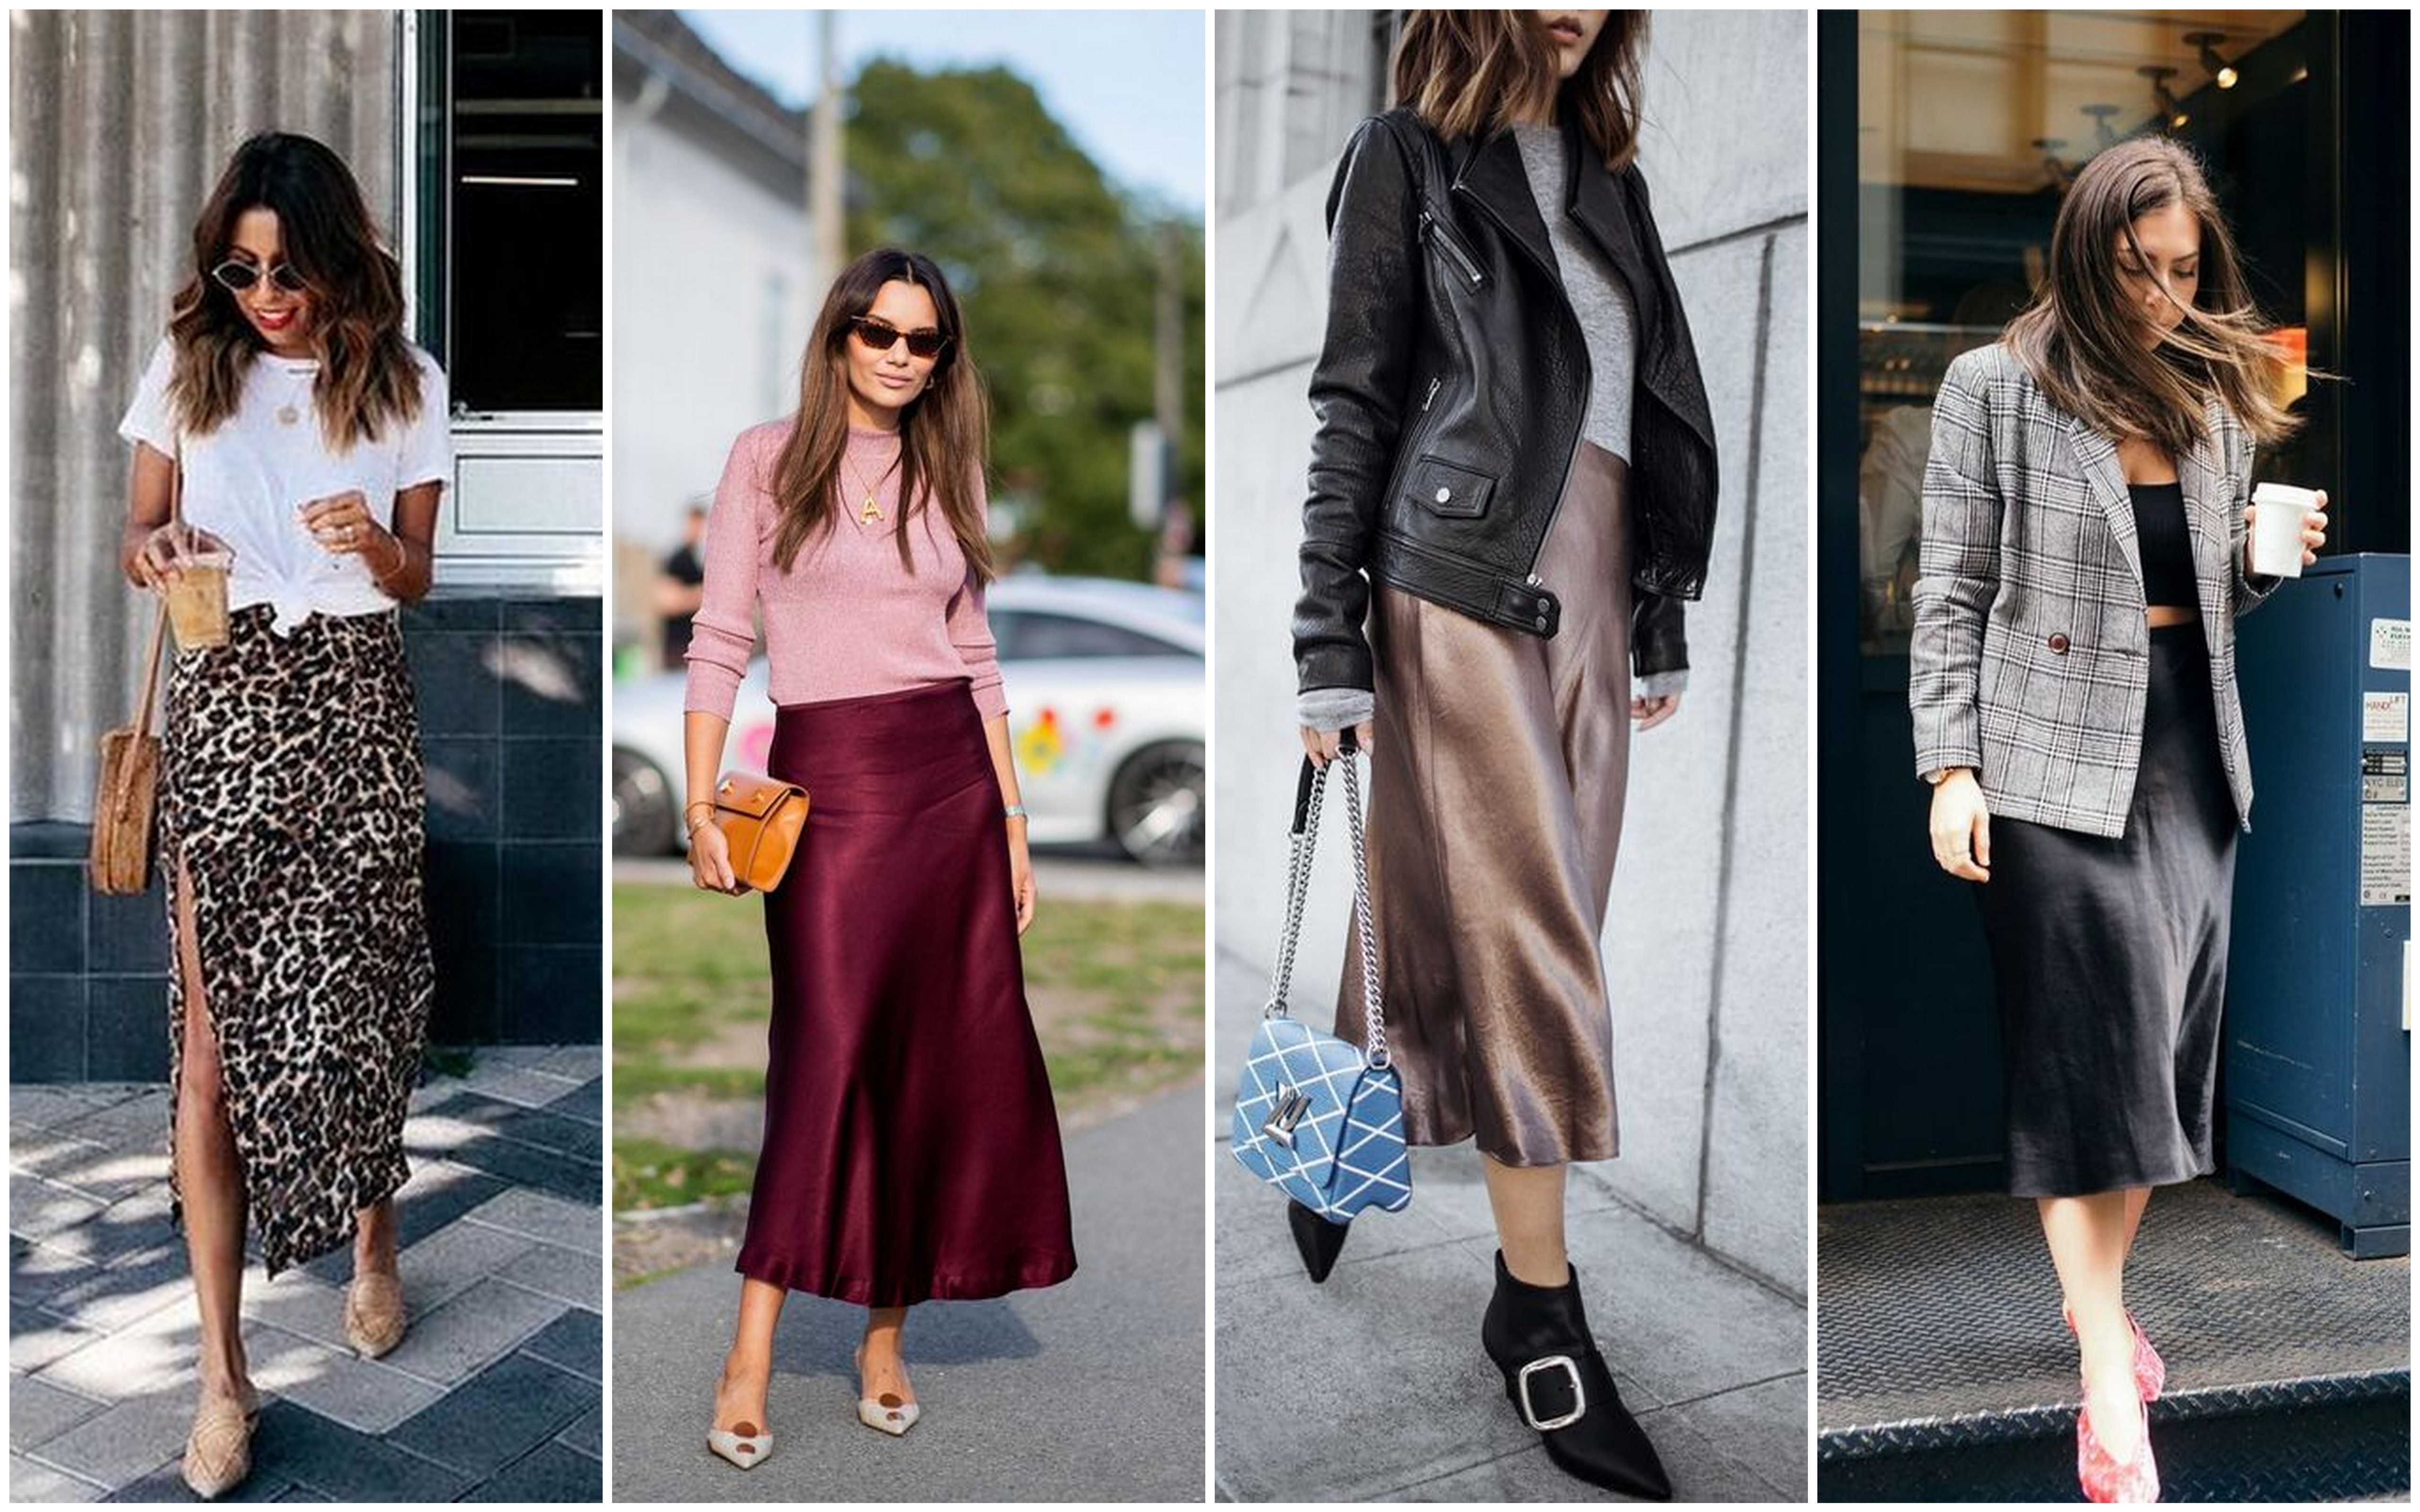 Stylové ženy v dlouhých sukních ze saténu, kterým se říká slip skirt.